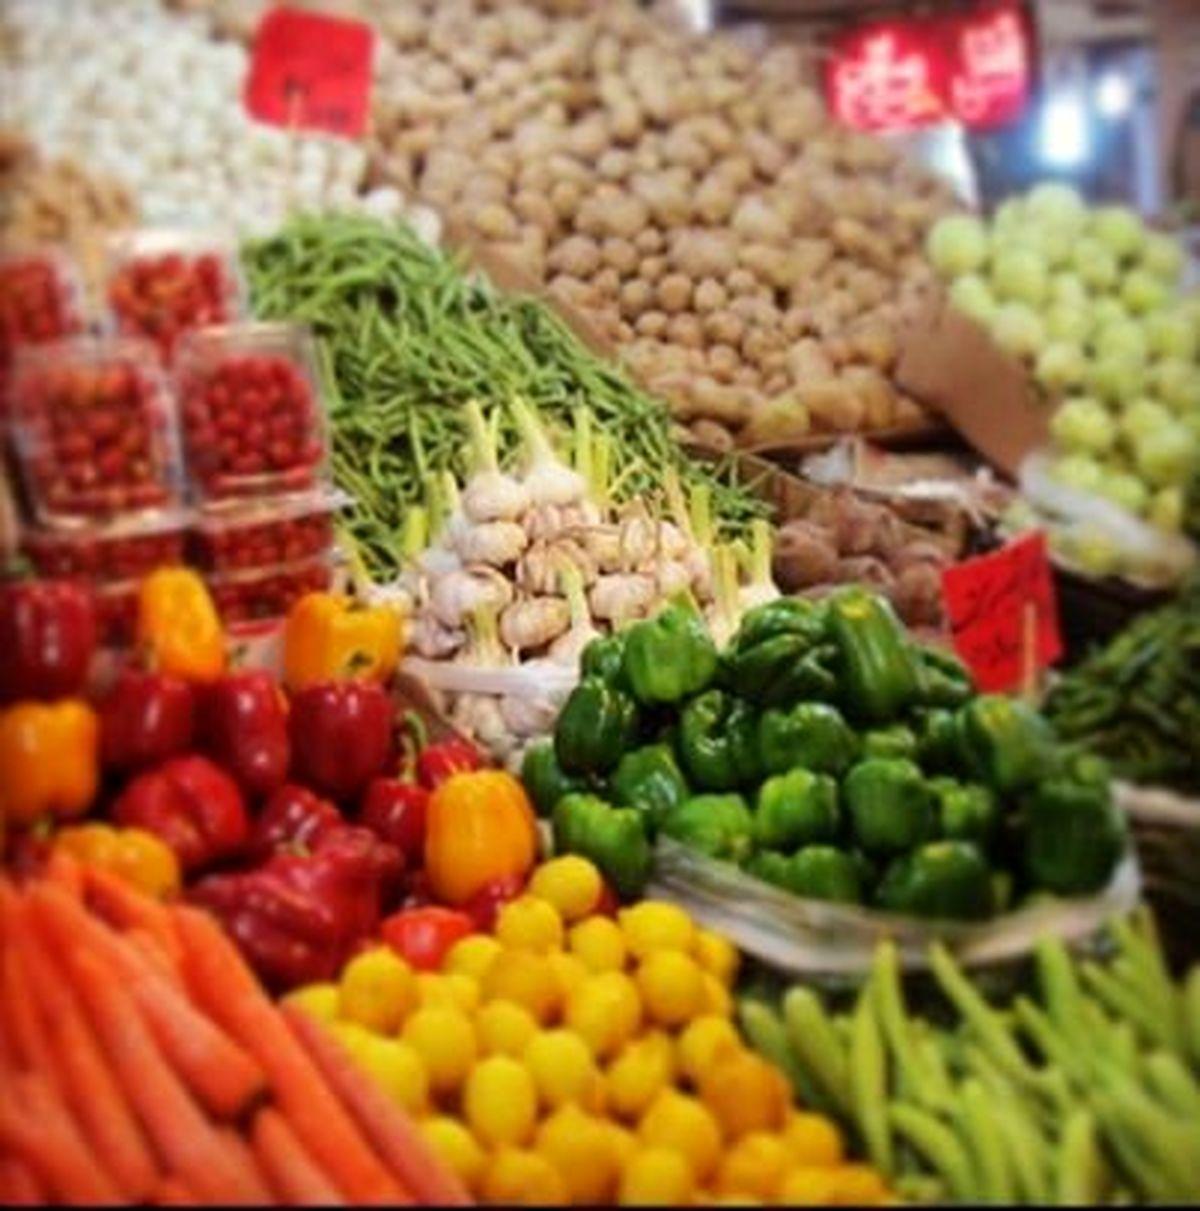 نشانههای افراط در مصرف میوه